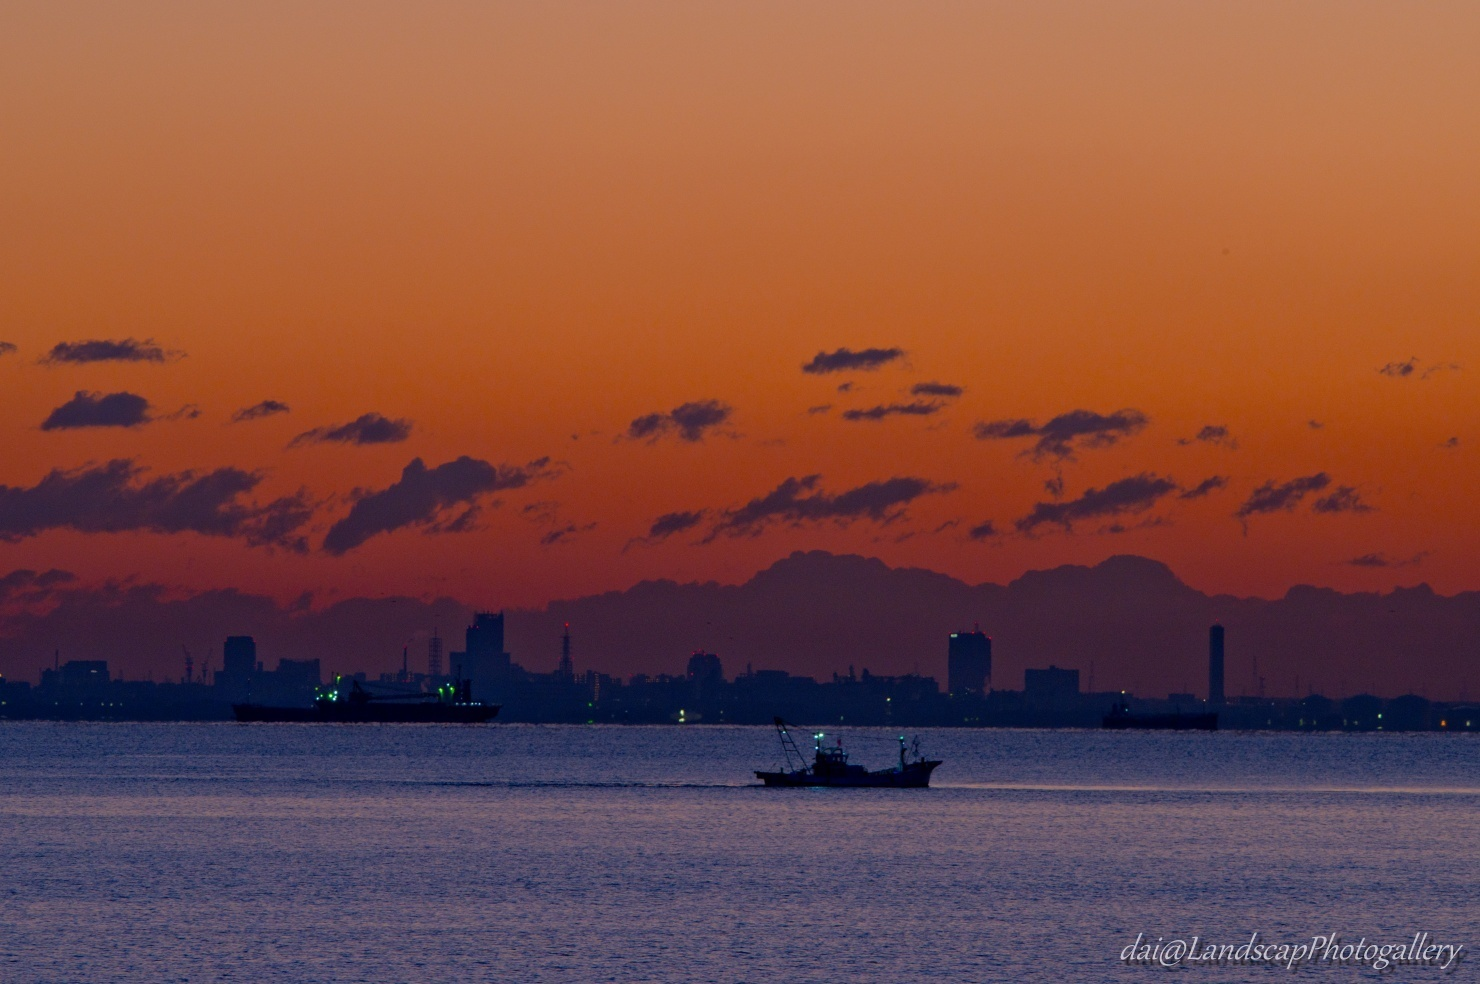 朝焼けの空と東京湾の漁船